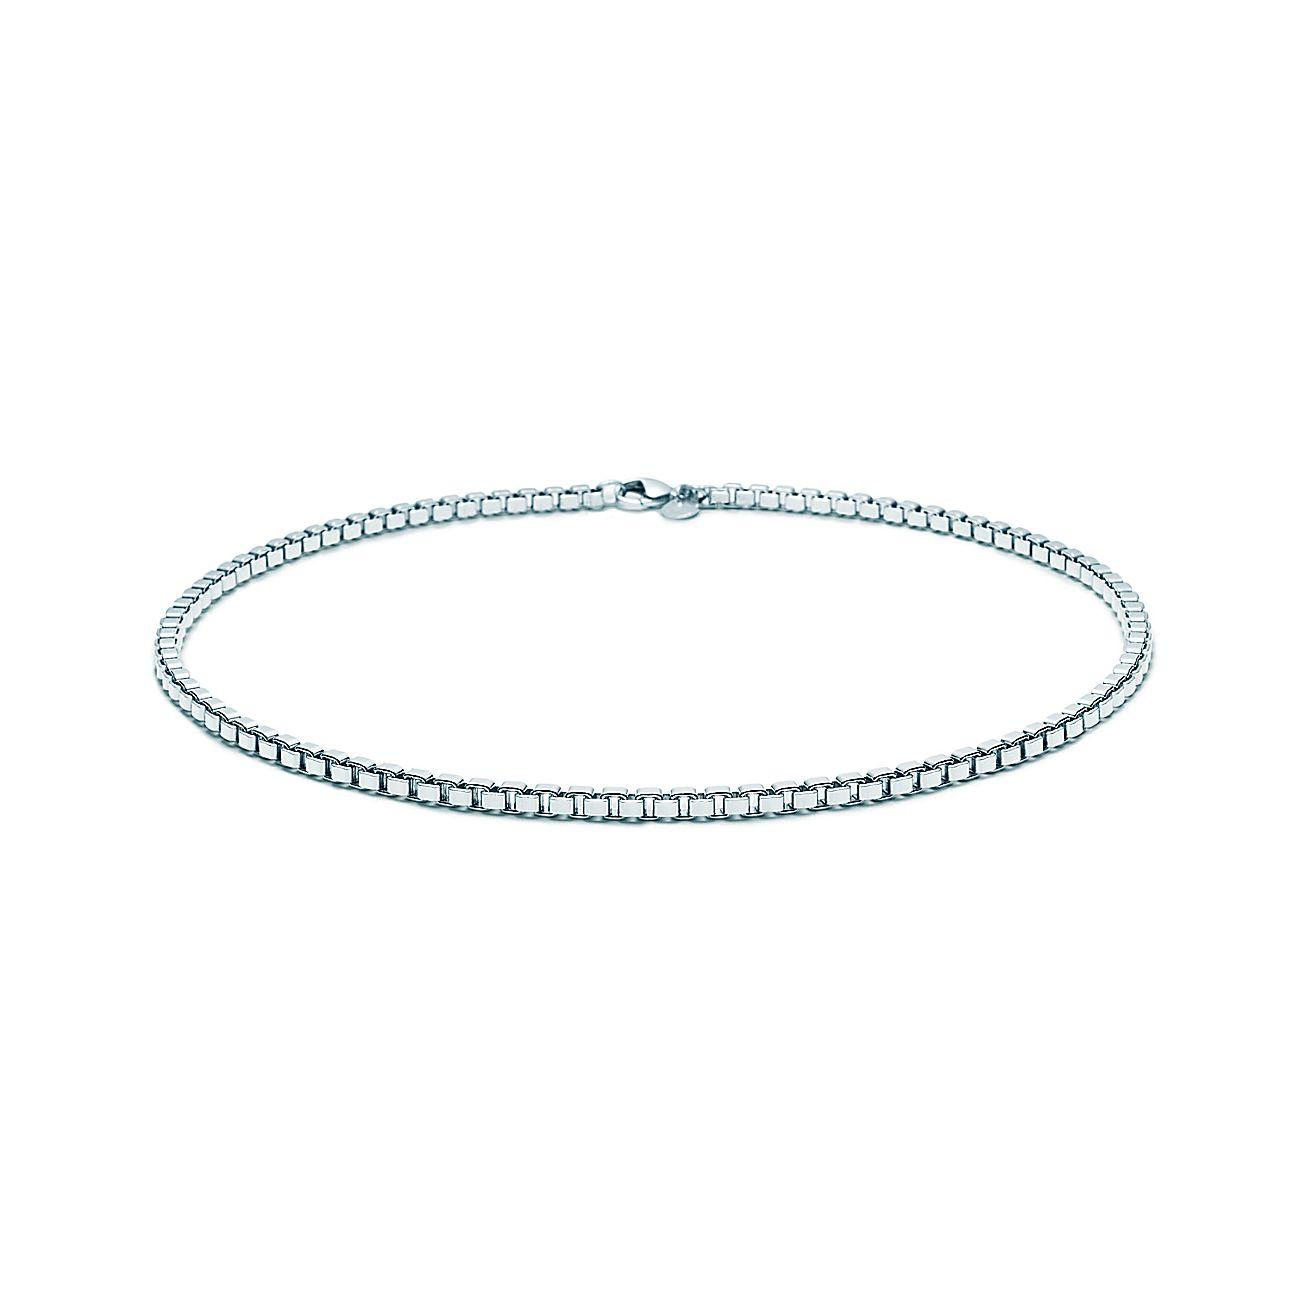 Venetian Link Necklace